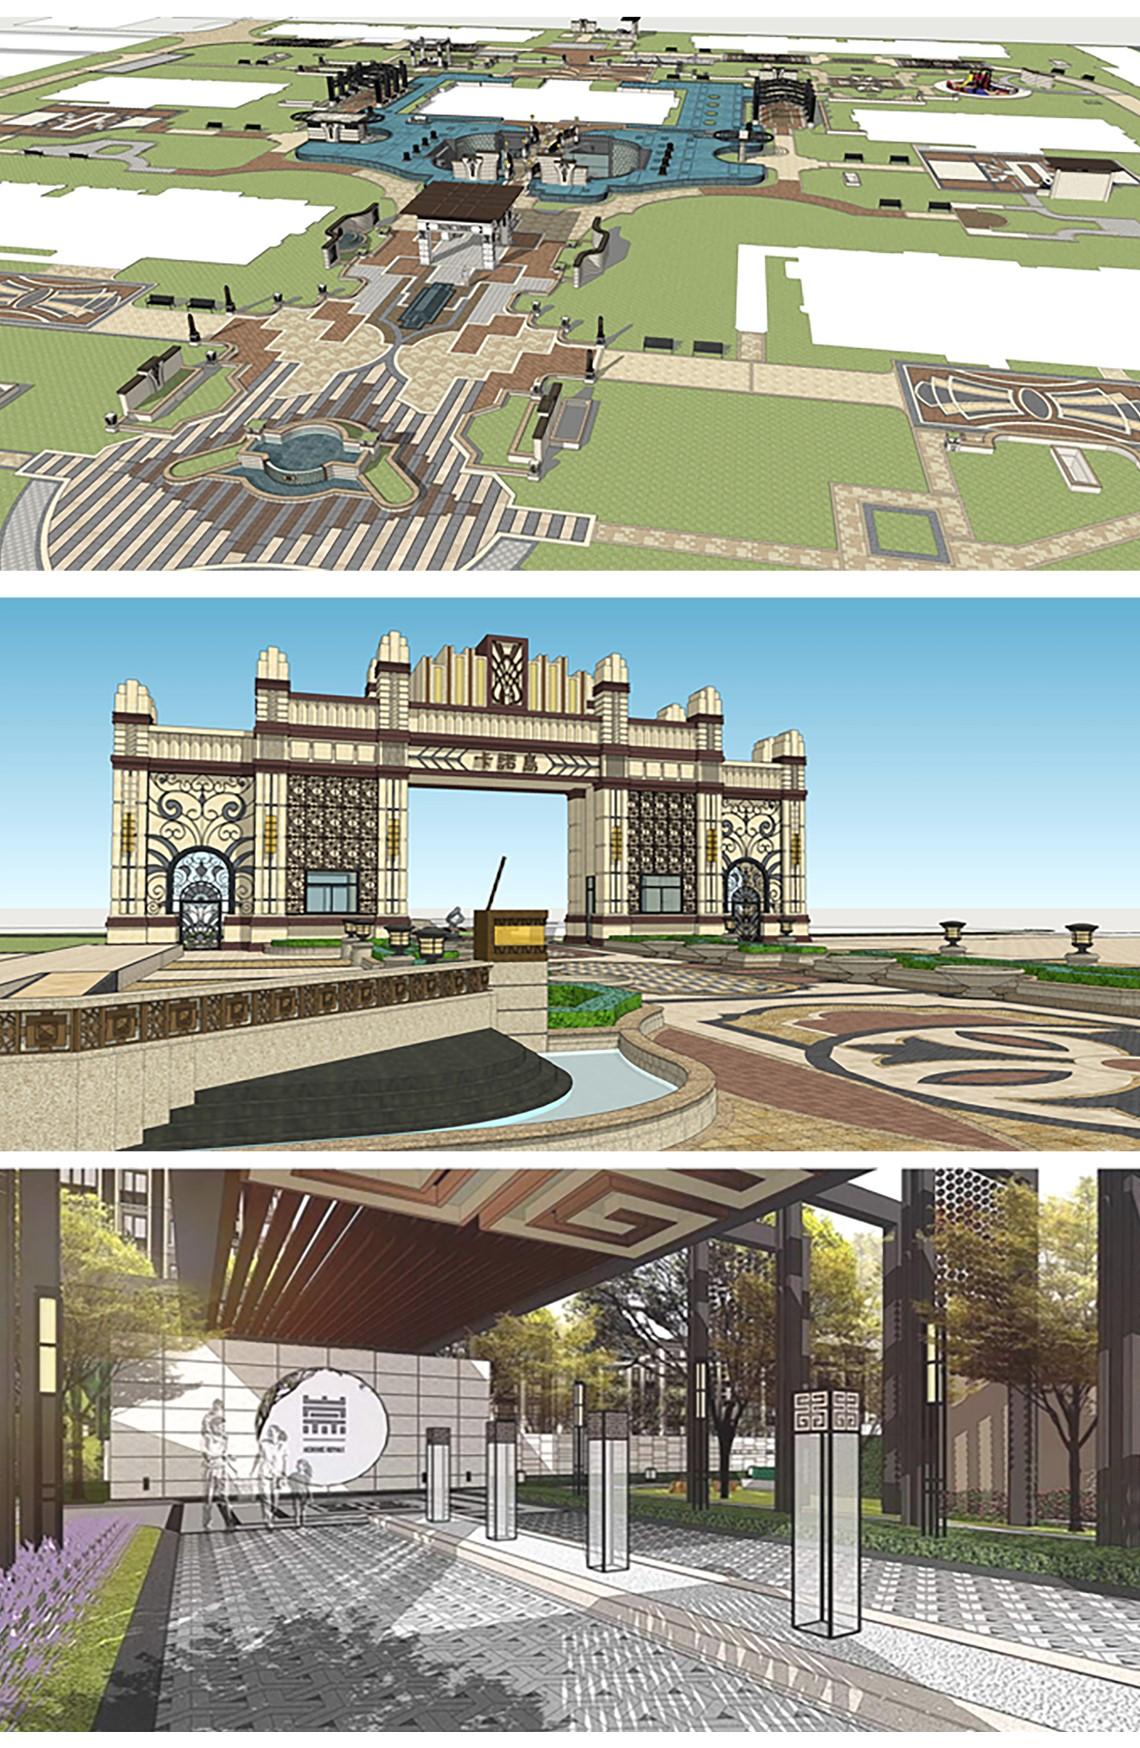 案例一:新中式庭院实战,案例二:ARTDECO风格住宅小区项目概要,Sketchup园林景观建模,Sketchup建模,草图大师建模